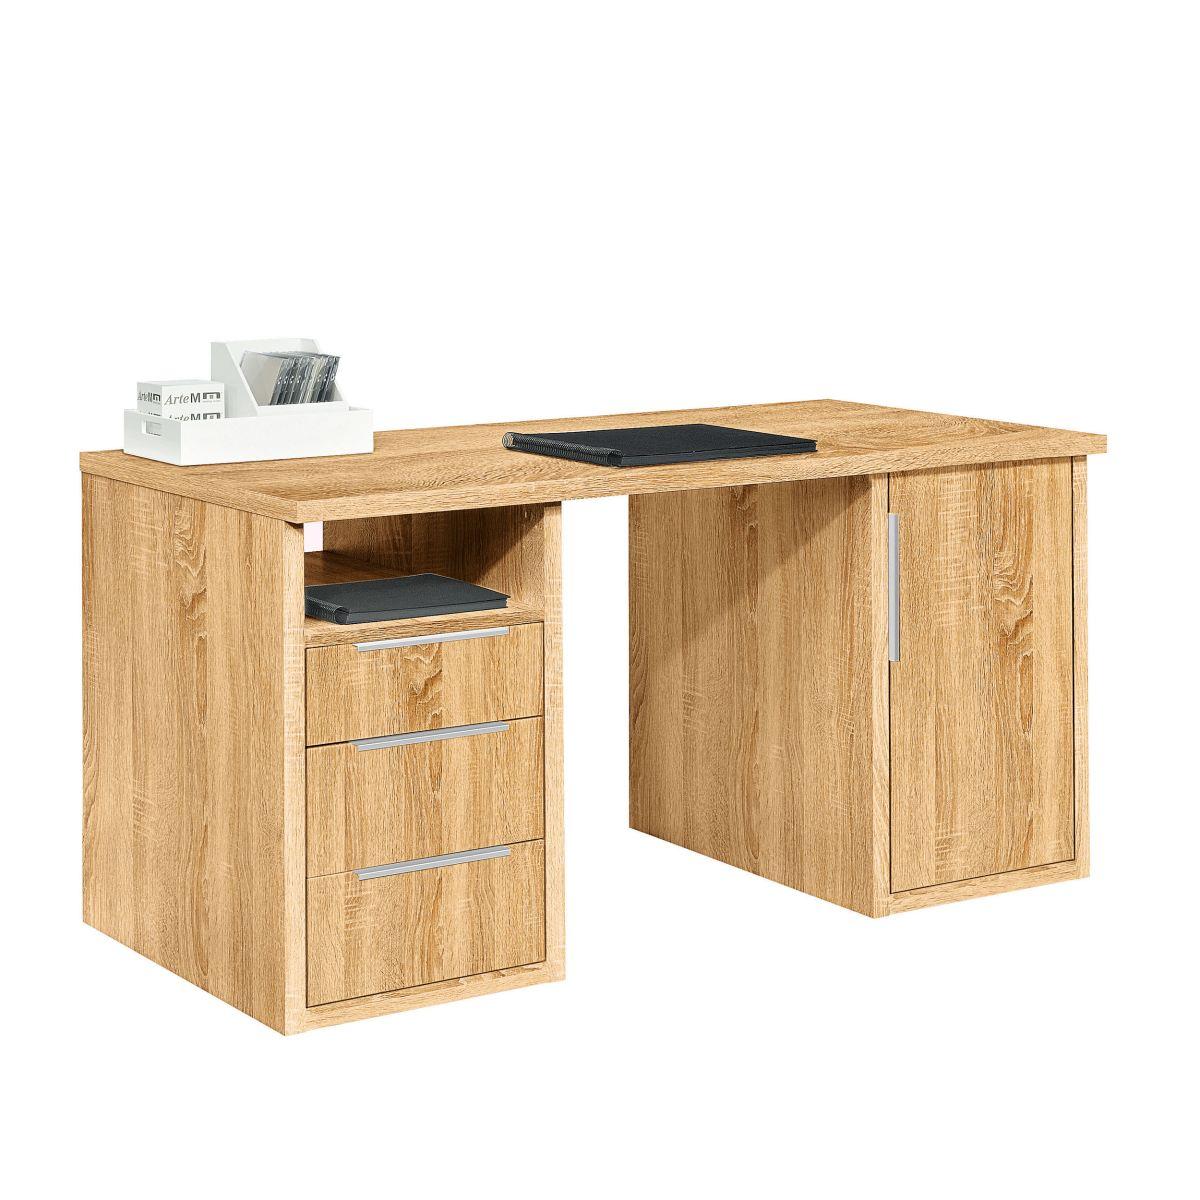 Schreibtisch aus eiche porta porta onlineshop for Porta online shop